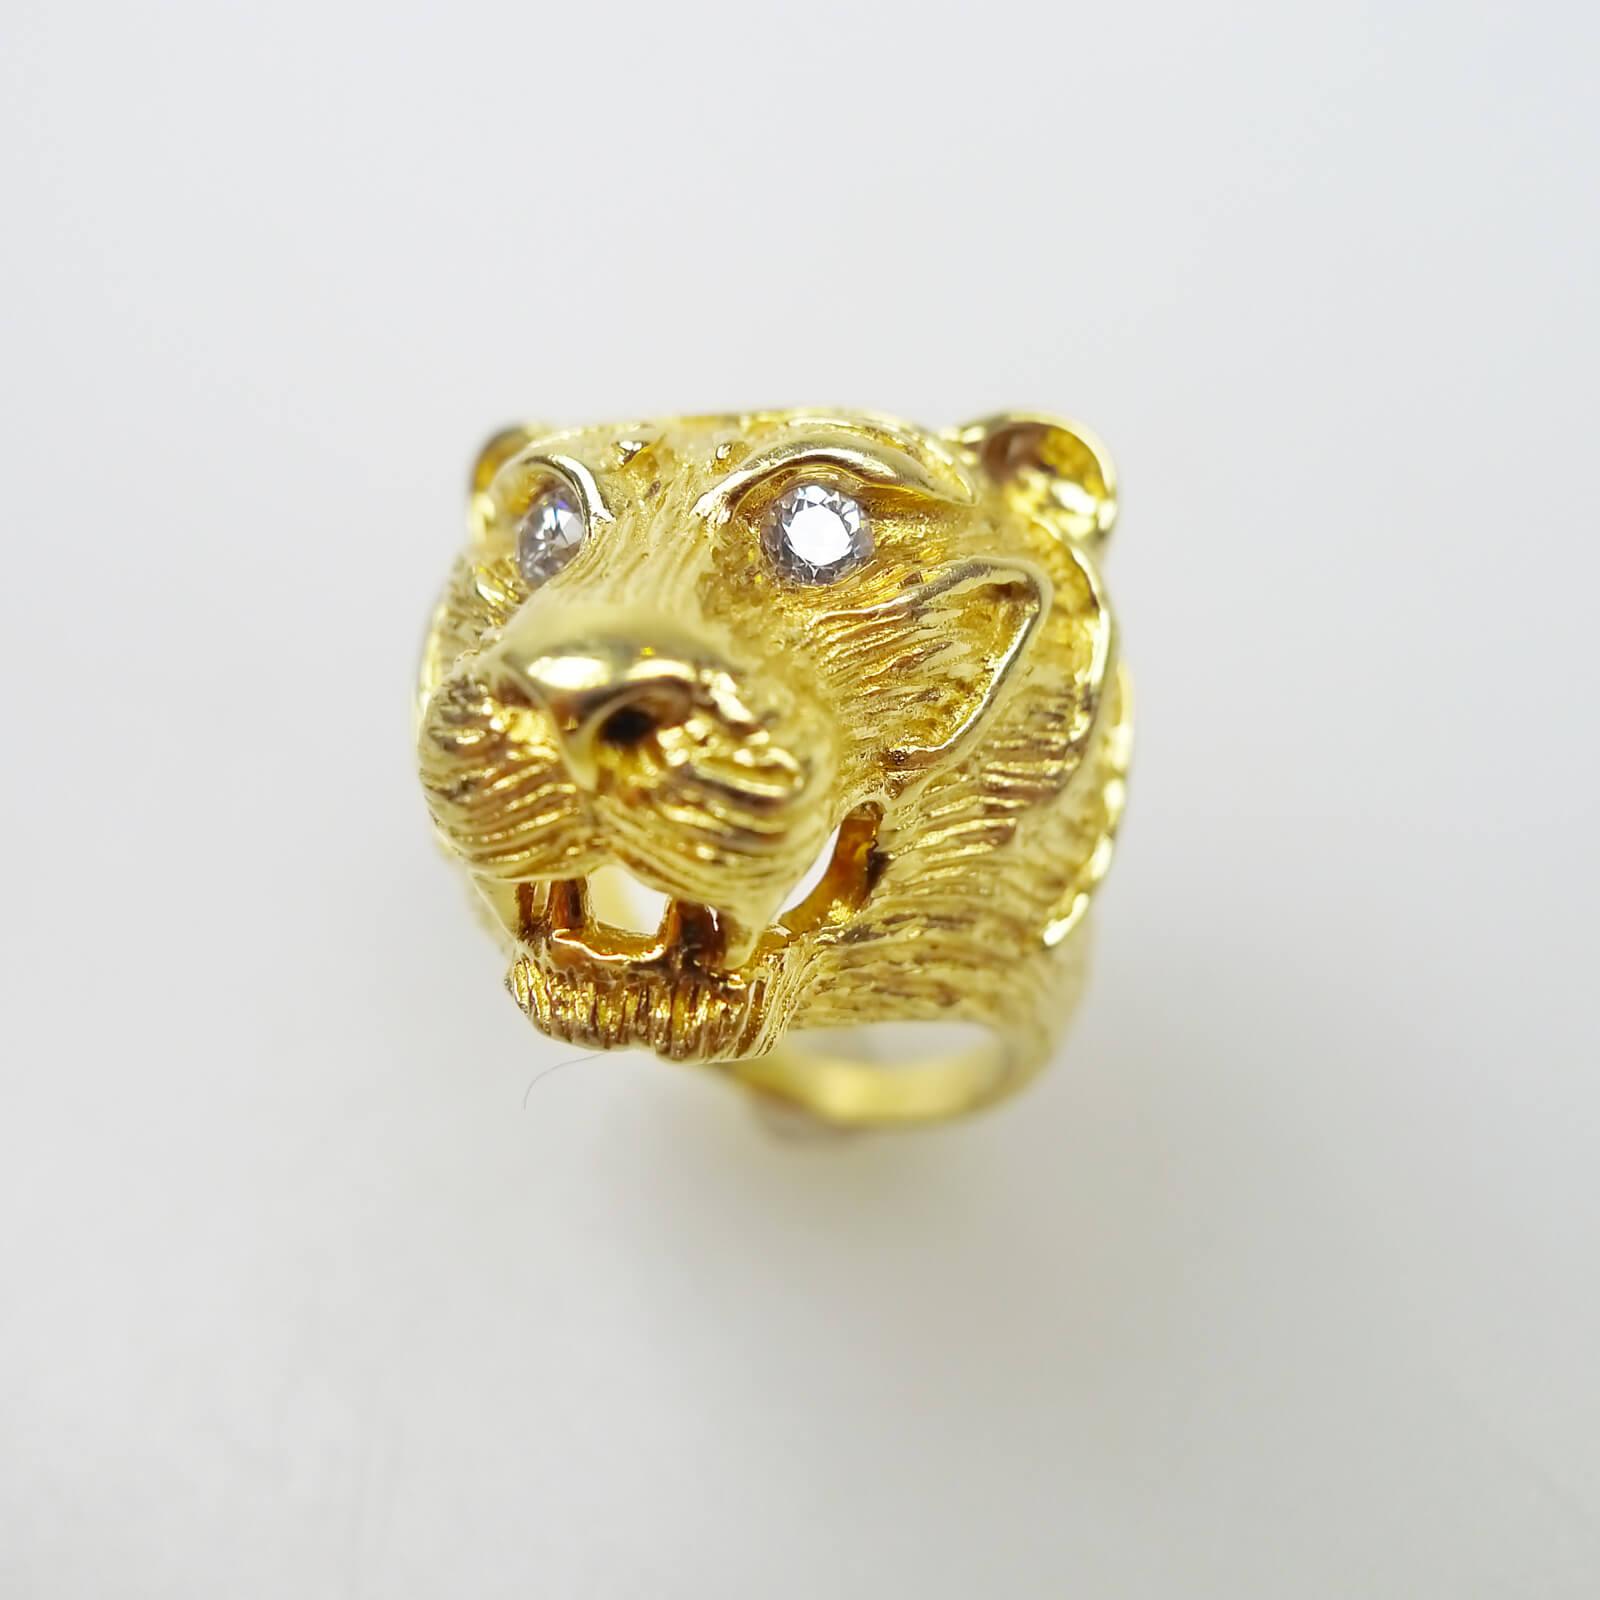 Lion's Head Ring, By Van Cleef